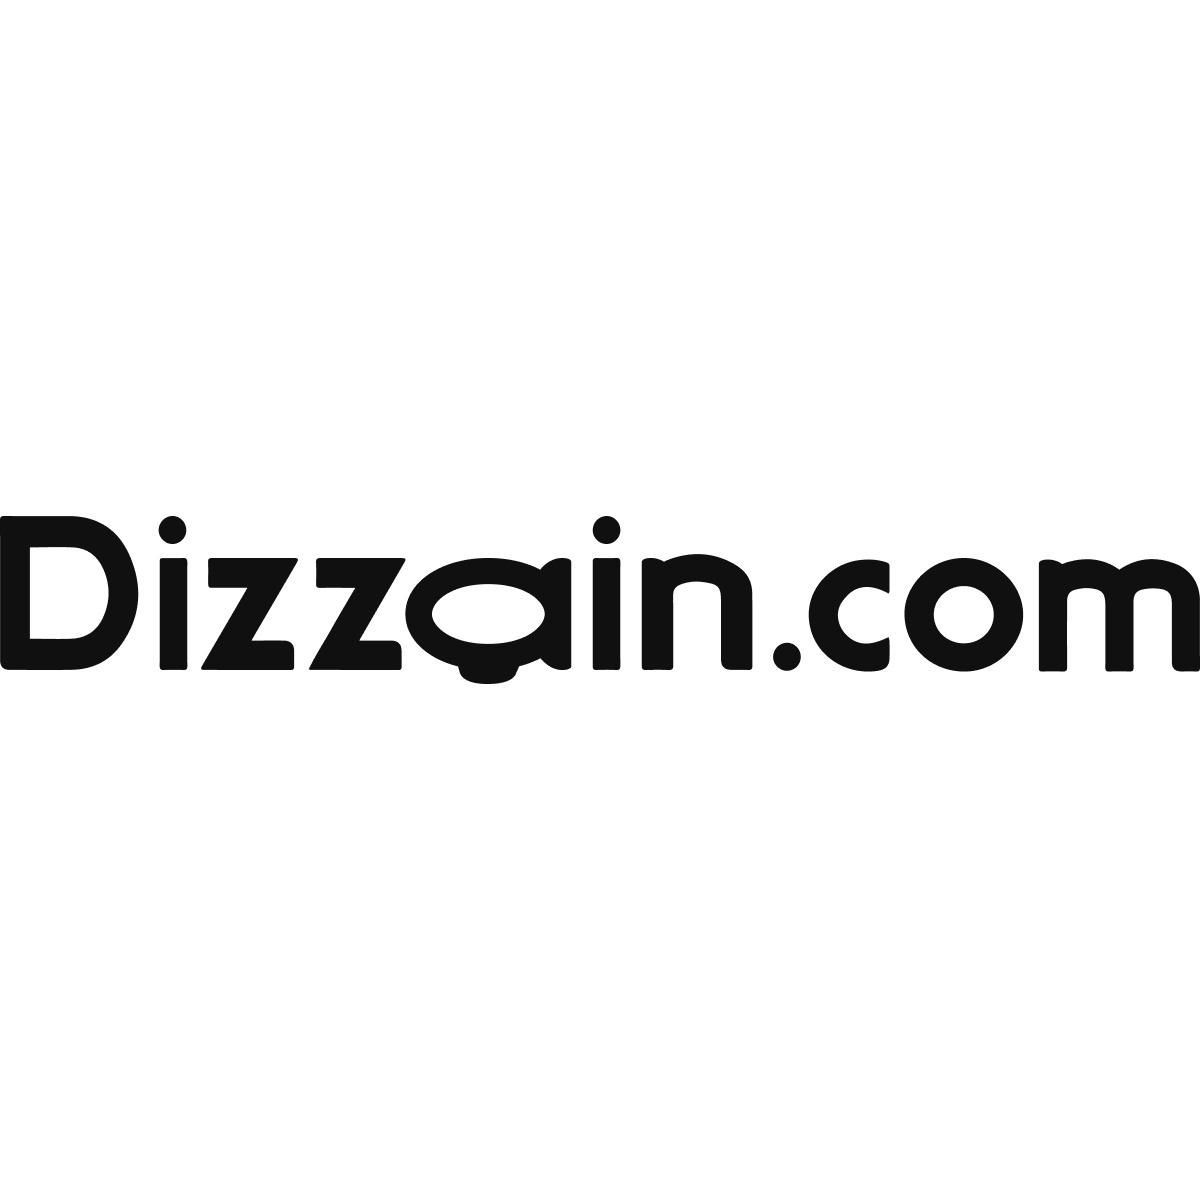 Dizzain_logo